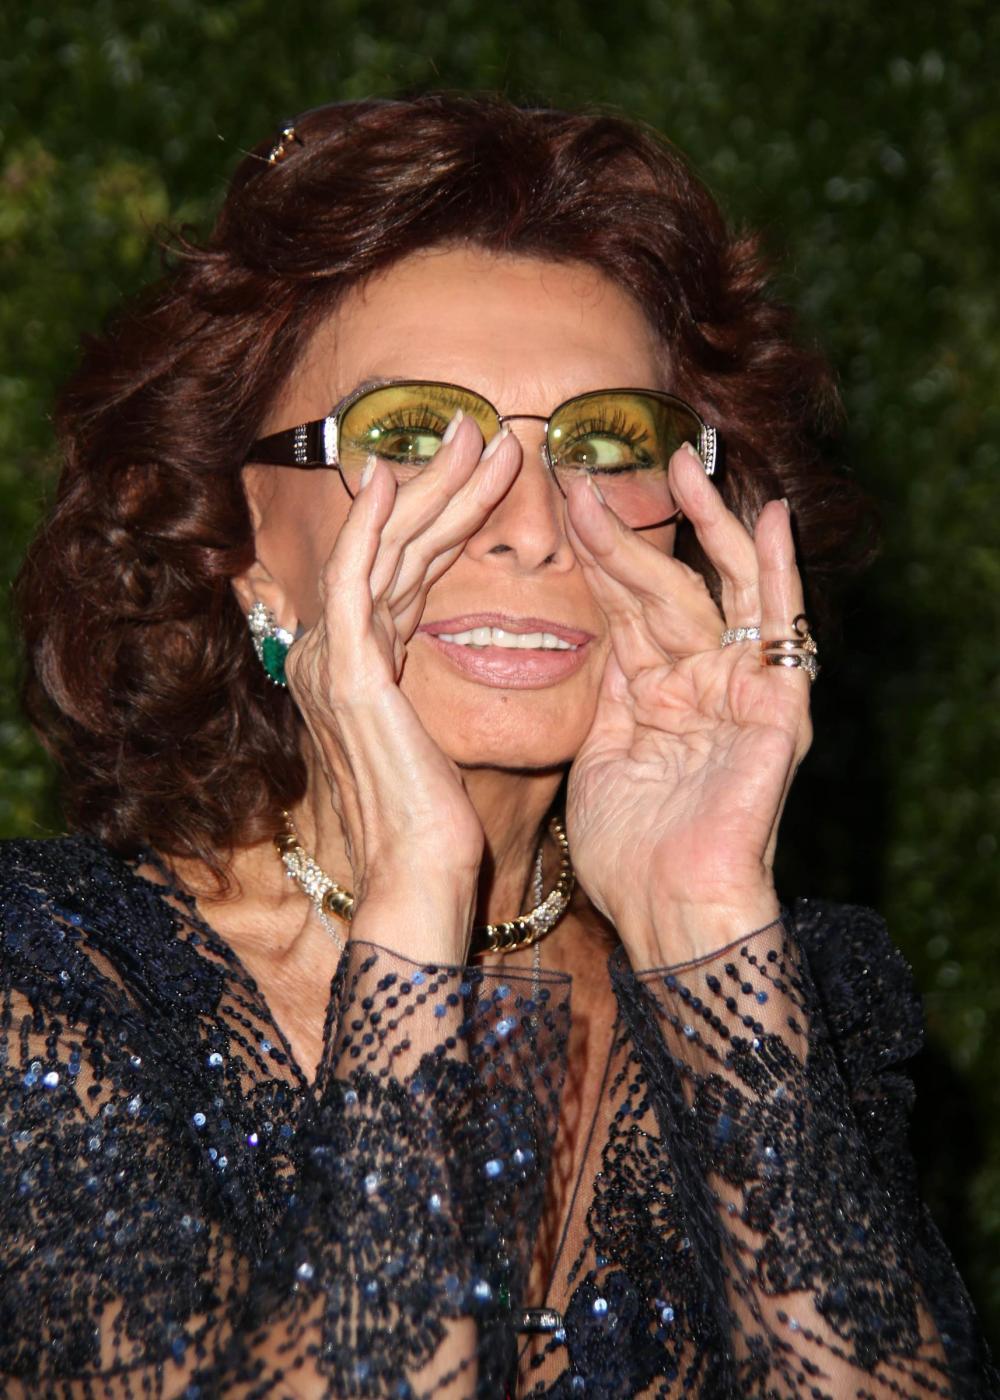 Sofia Loren madrina dell'Italia al Tribeca Film Festival06